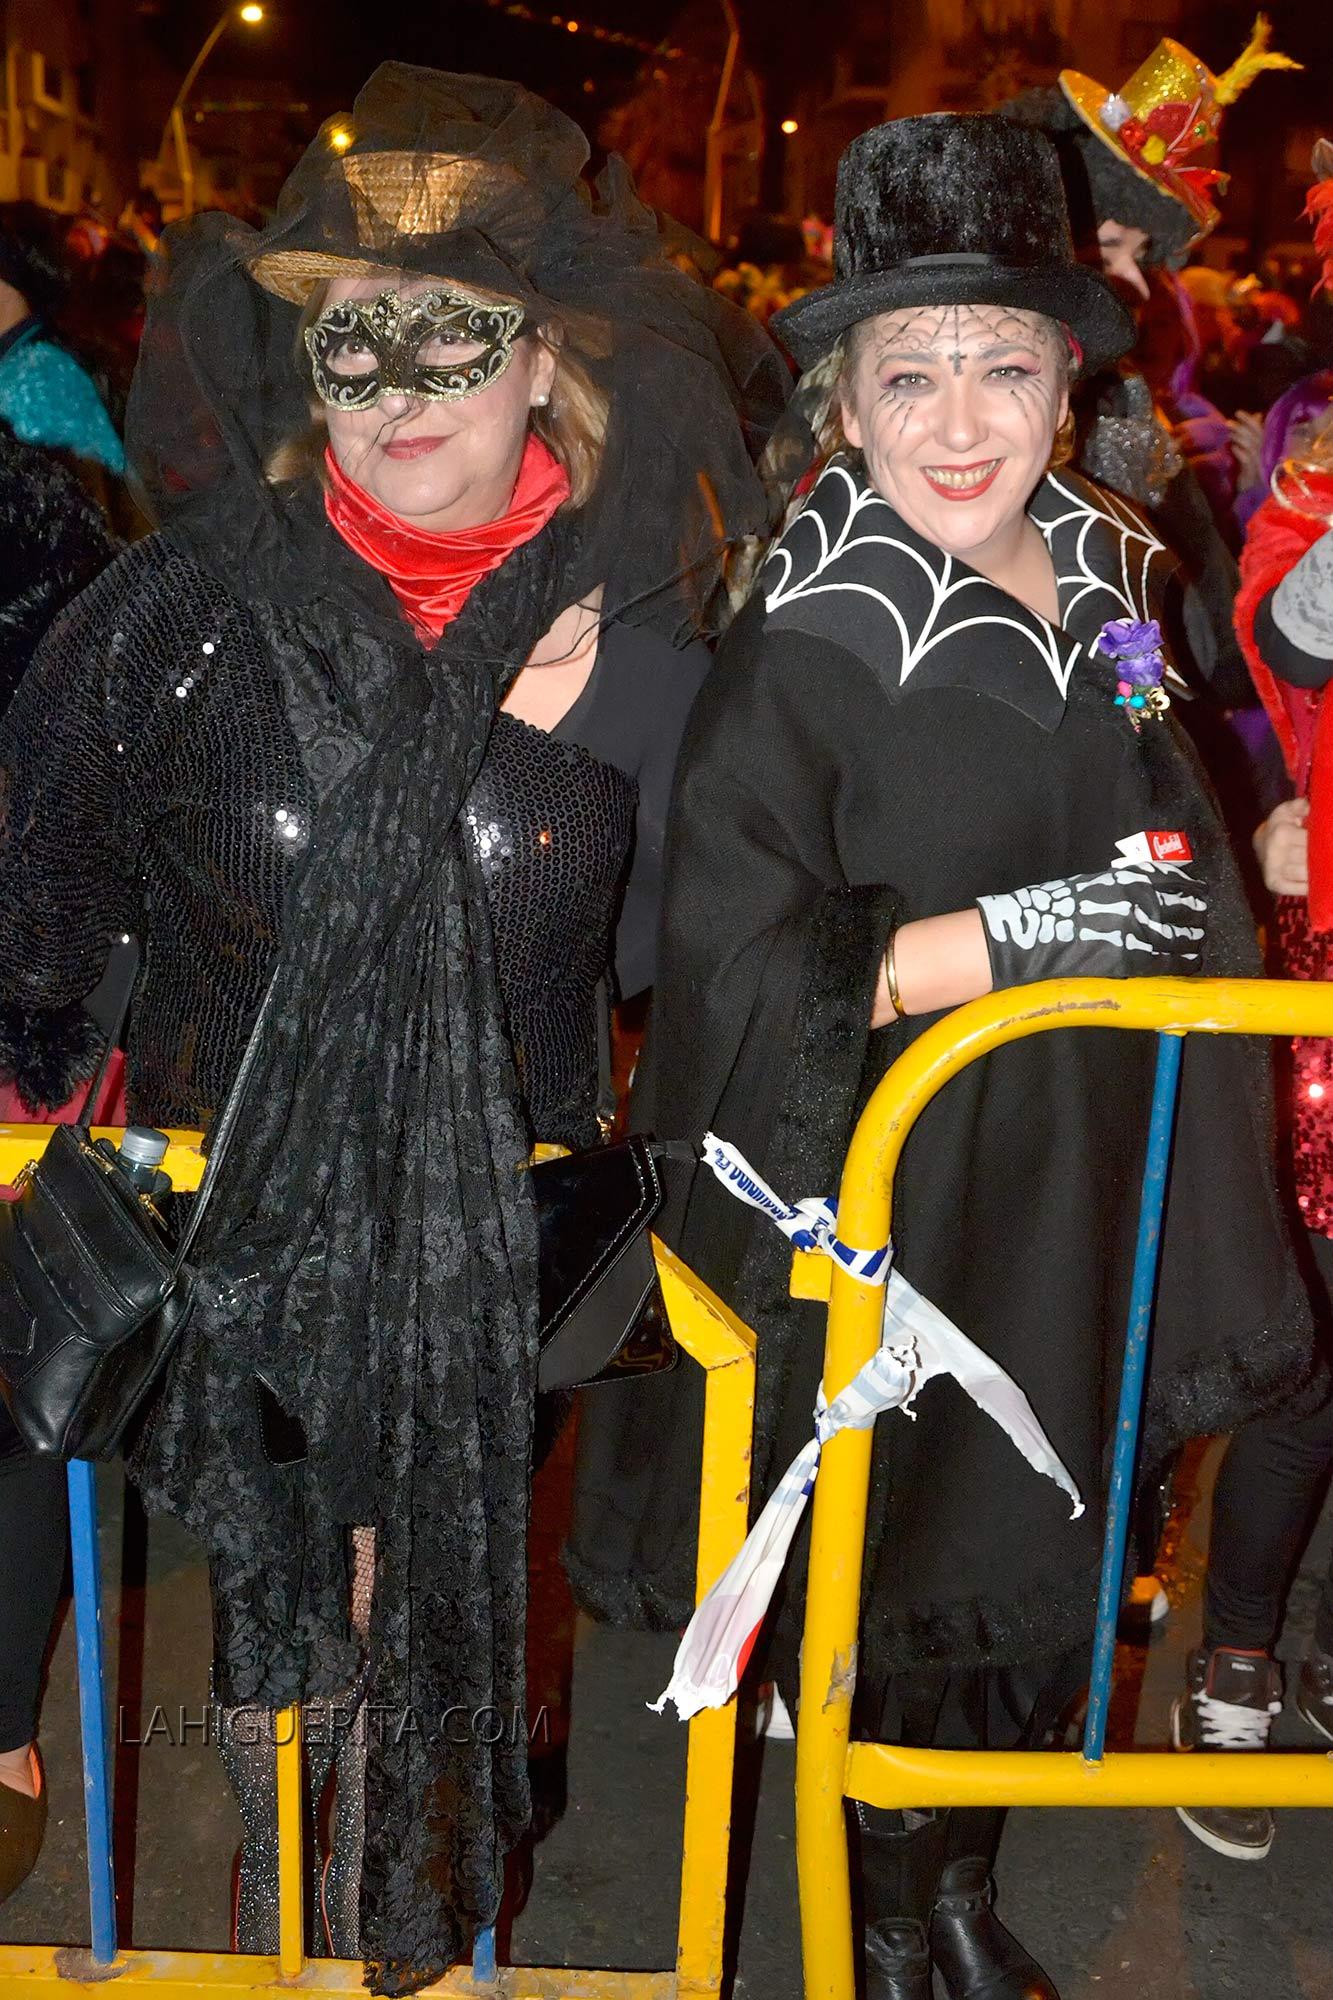 Entierro de la sardina carnaval isla cristina _DSC2423